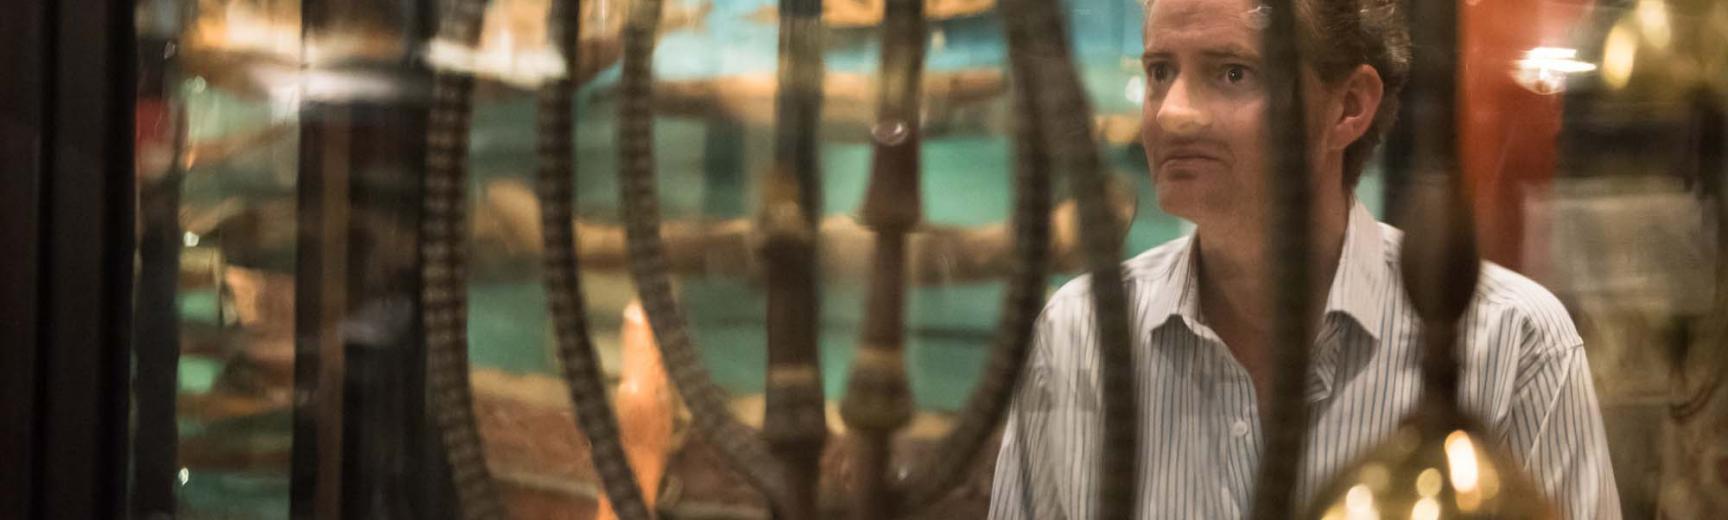 pitt rivers museum by john cairns 8 10 18 163